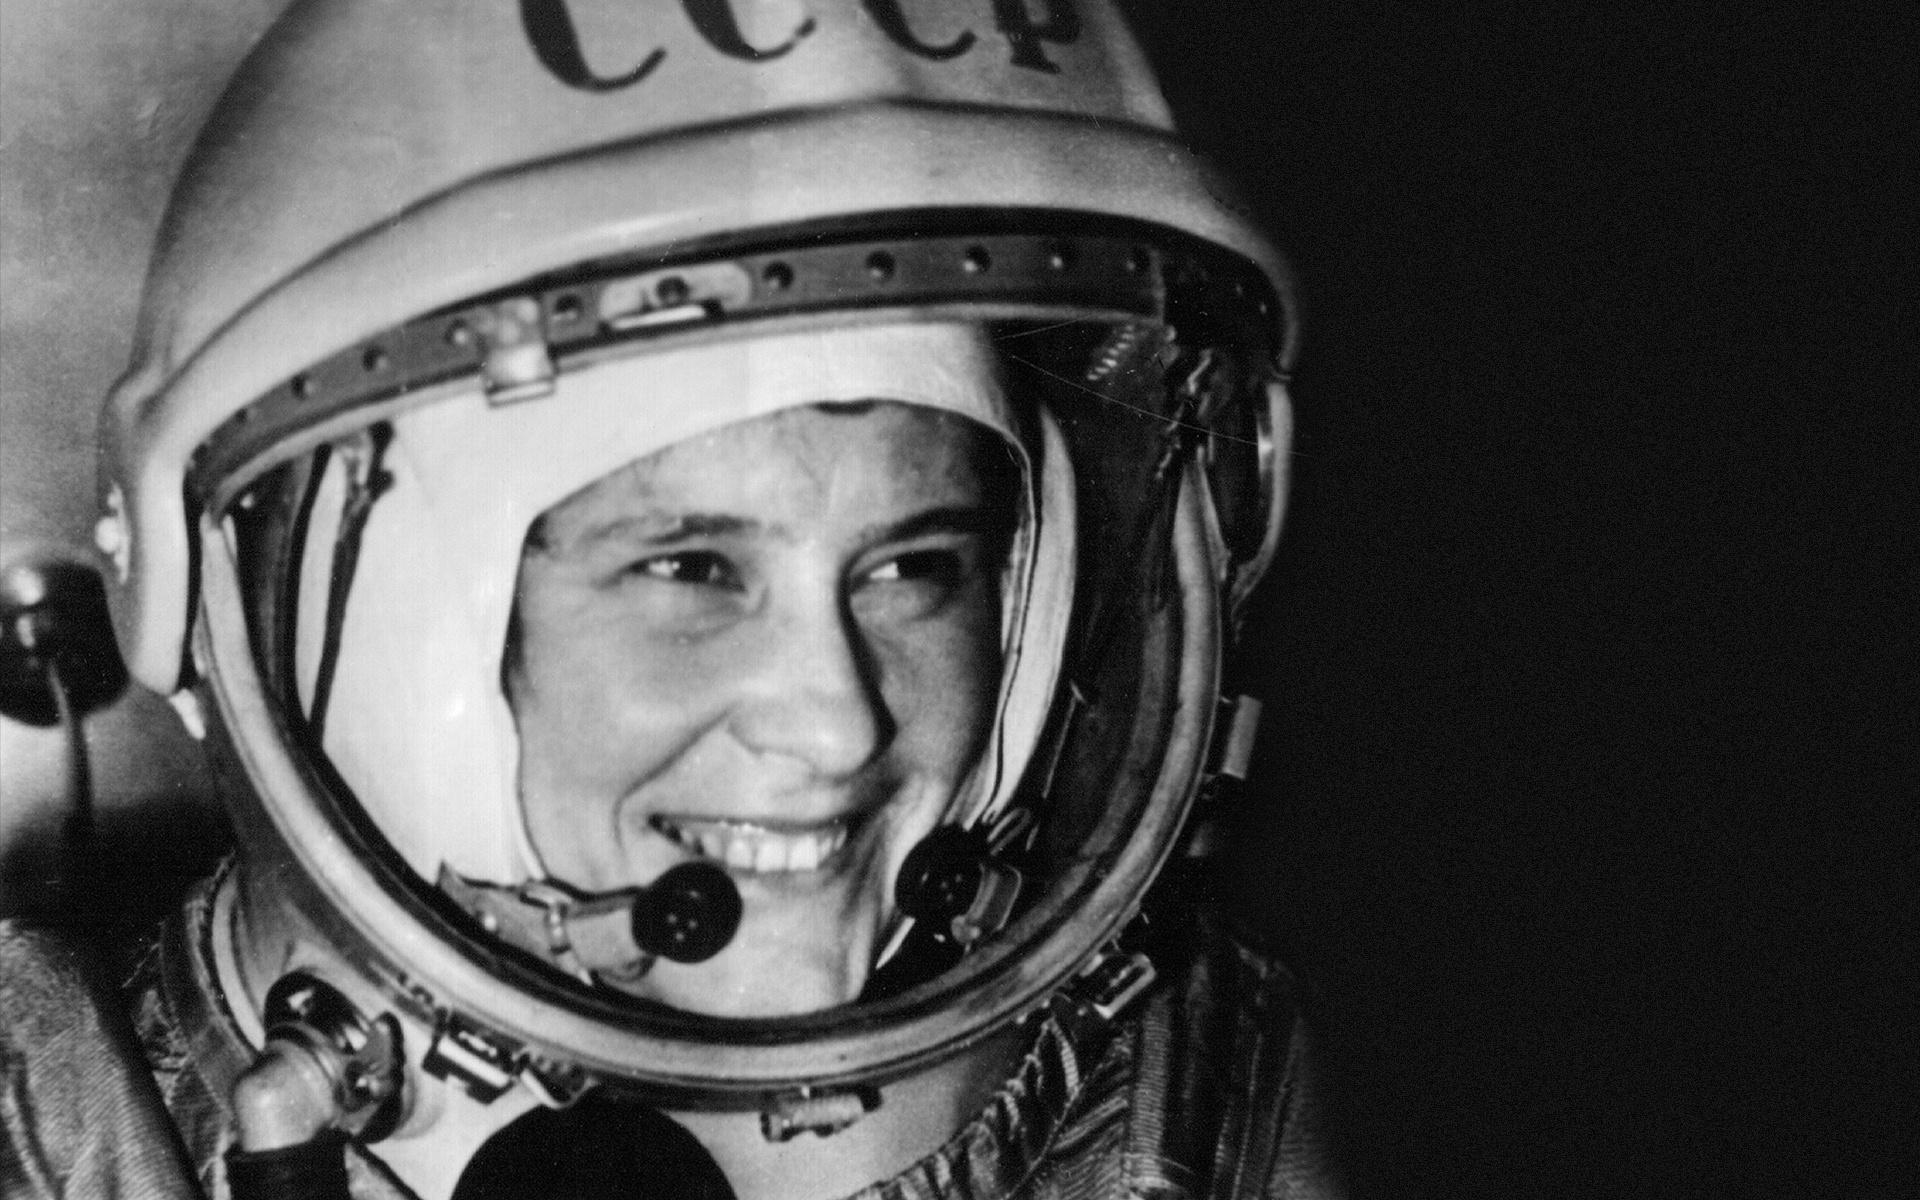 Космонавт ссср великие люди 1920x1200